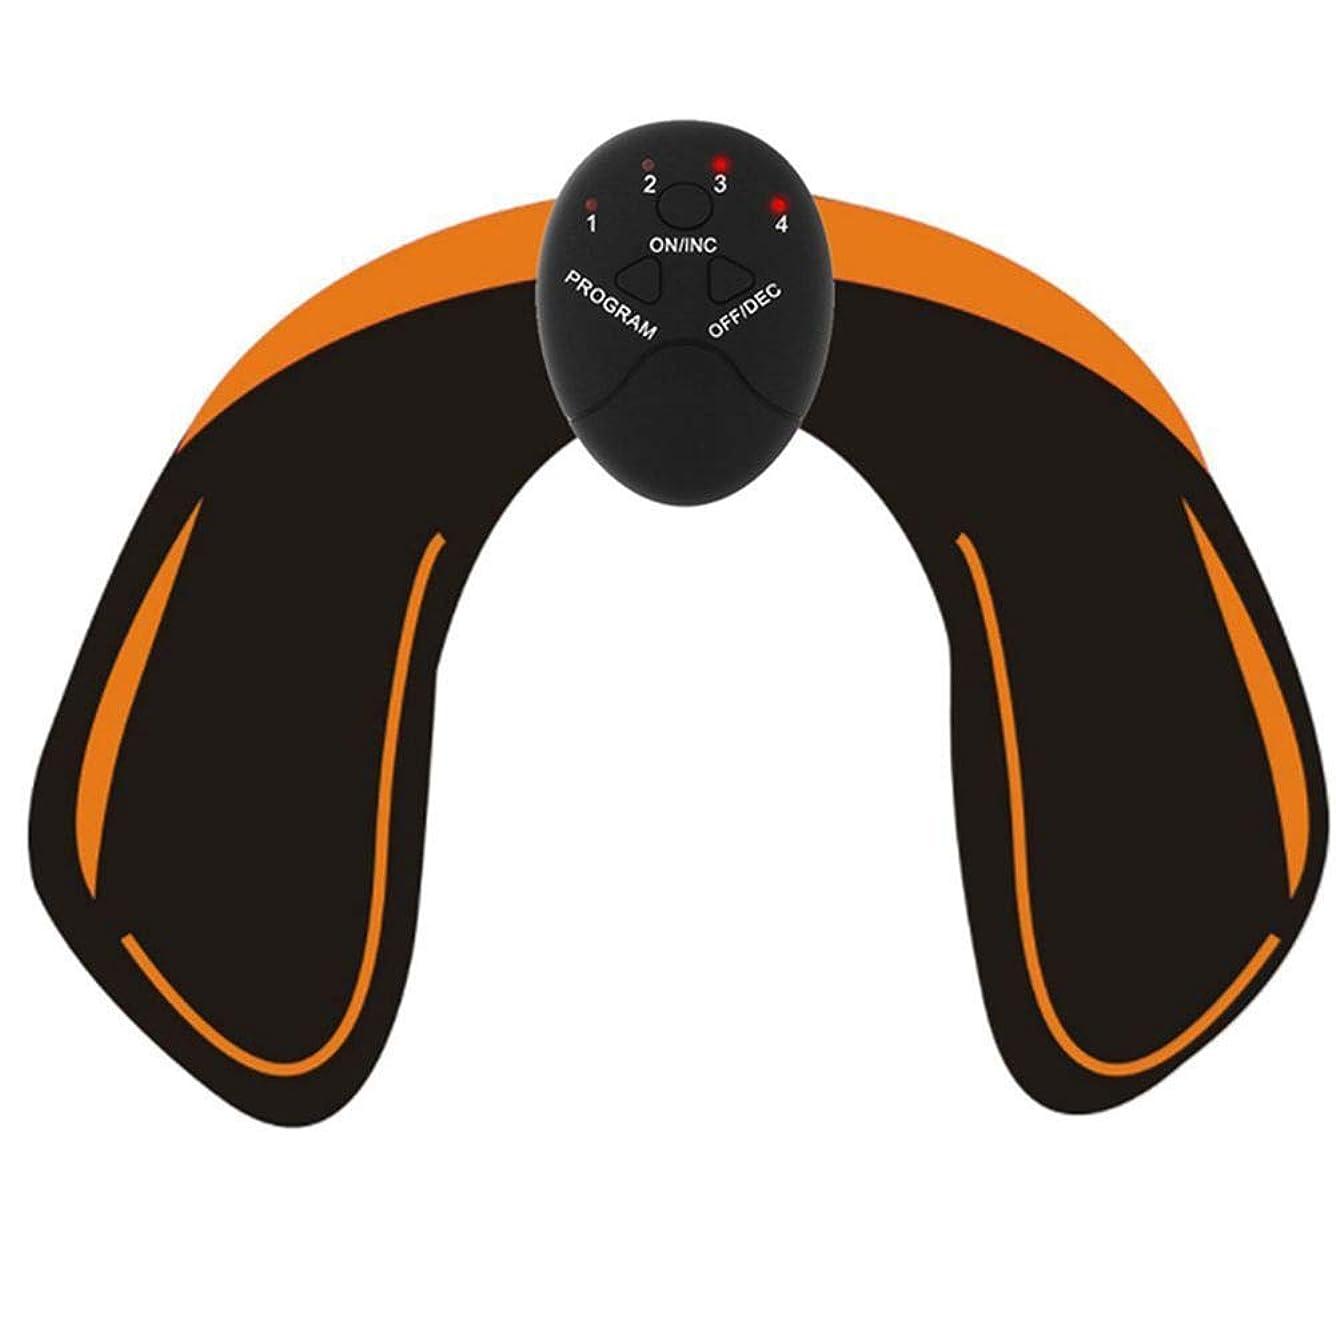 サーキュレーションレース厳ヒップEMS筋肉刺激装置、電子裏面筋肉トナー、スマートウェアラブル臀部トナートレーナー用男性女性